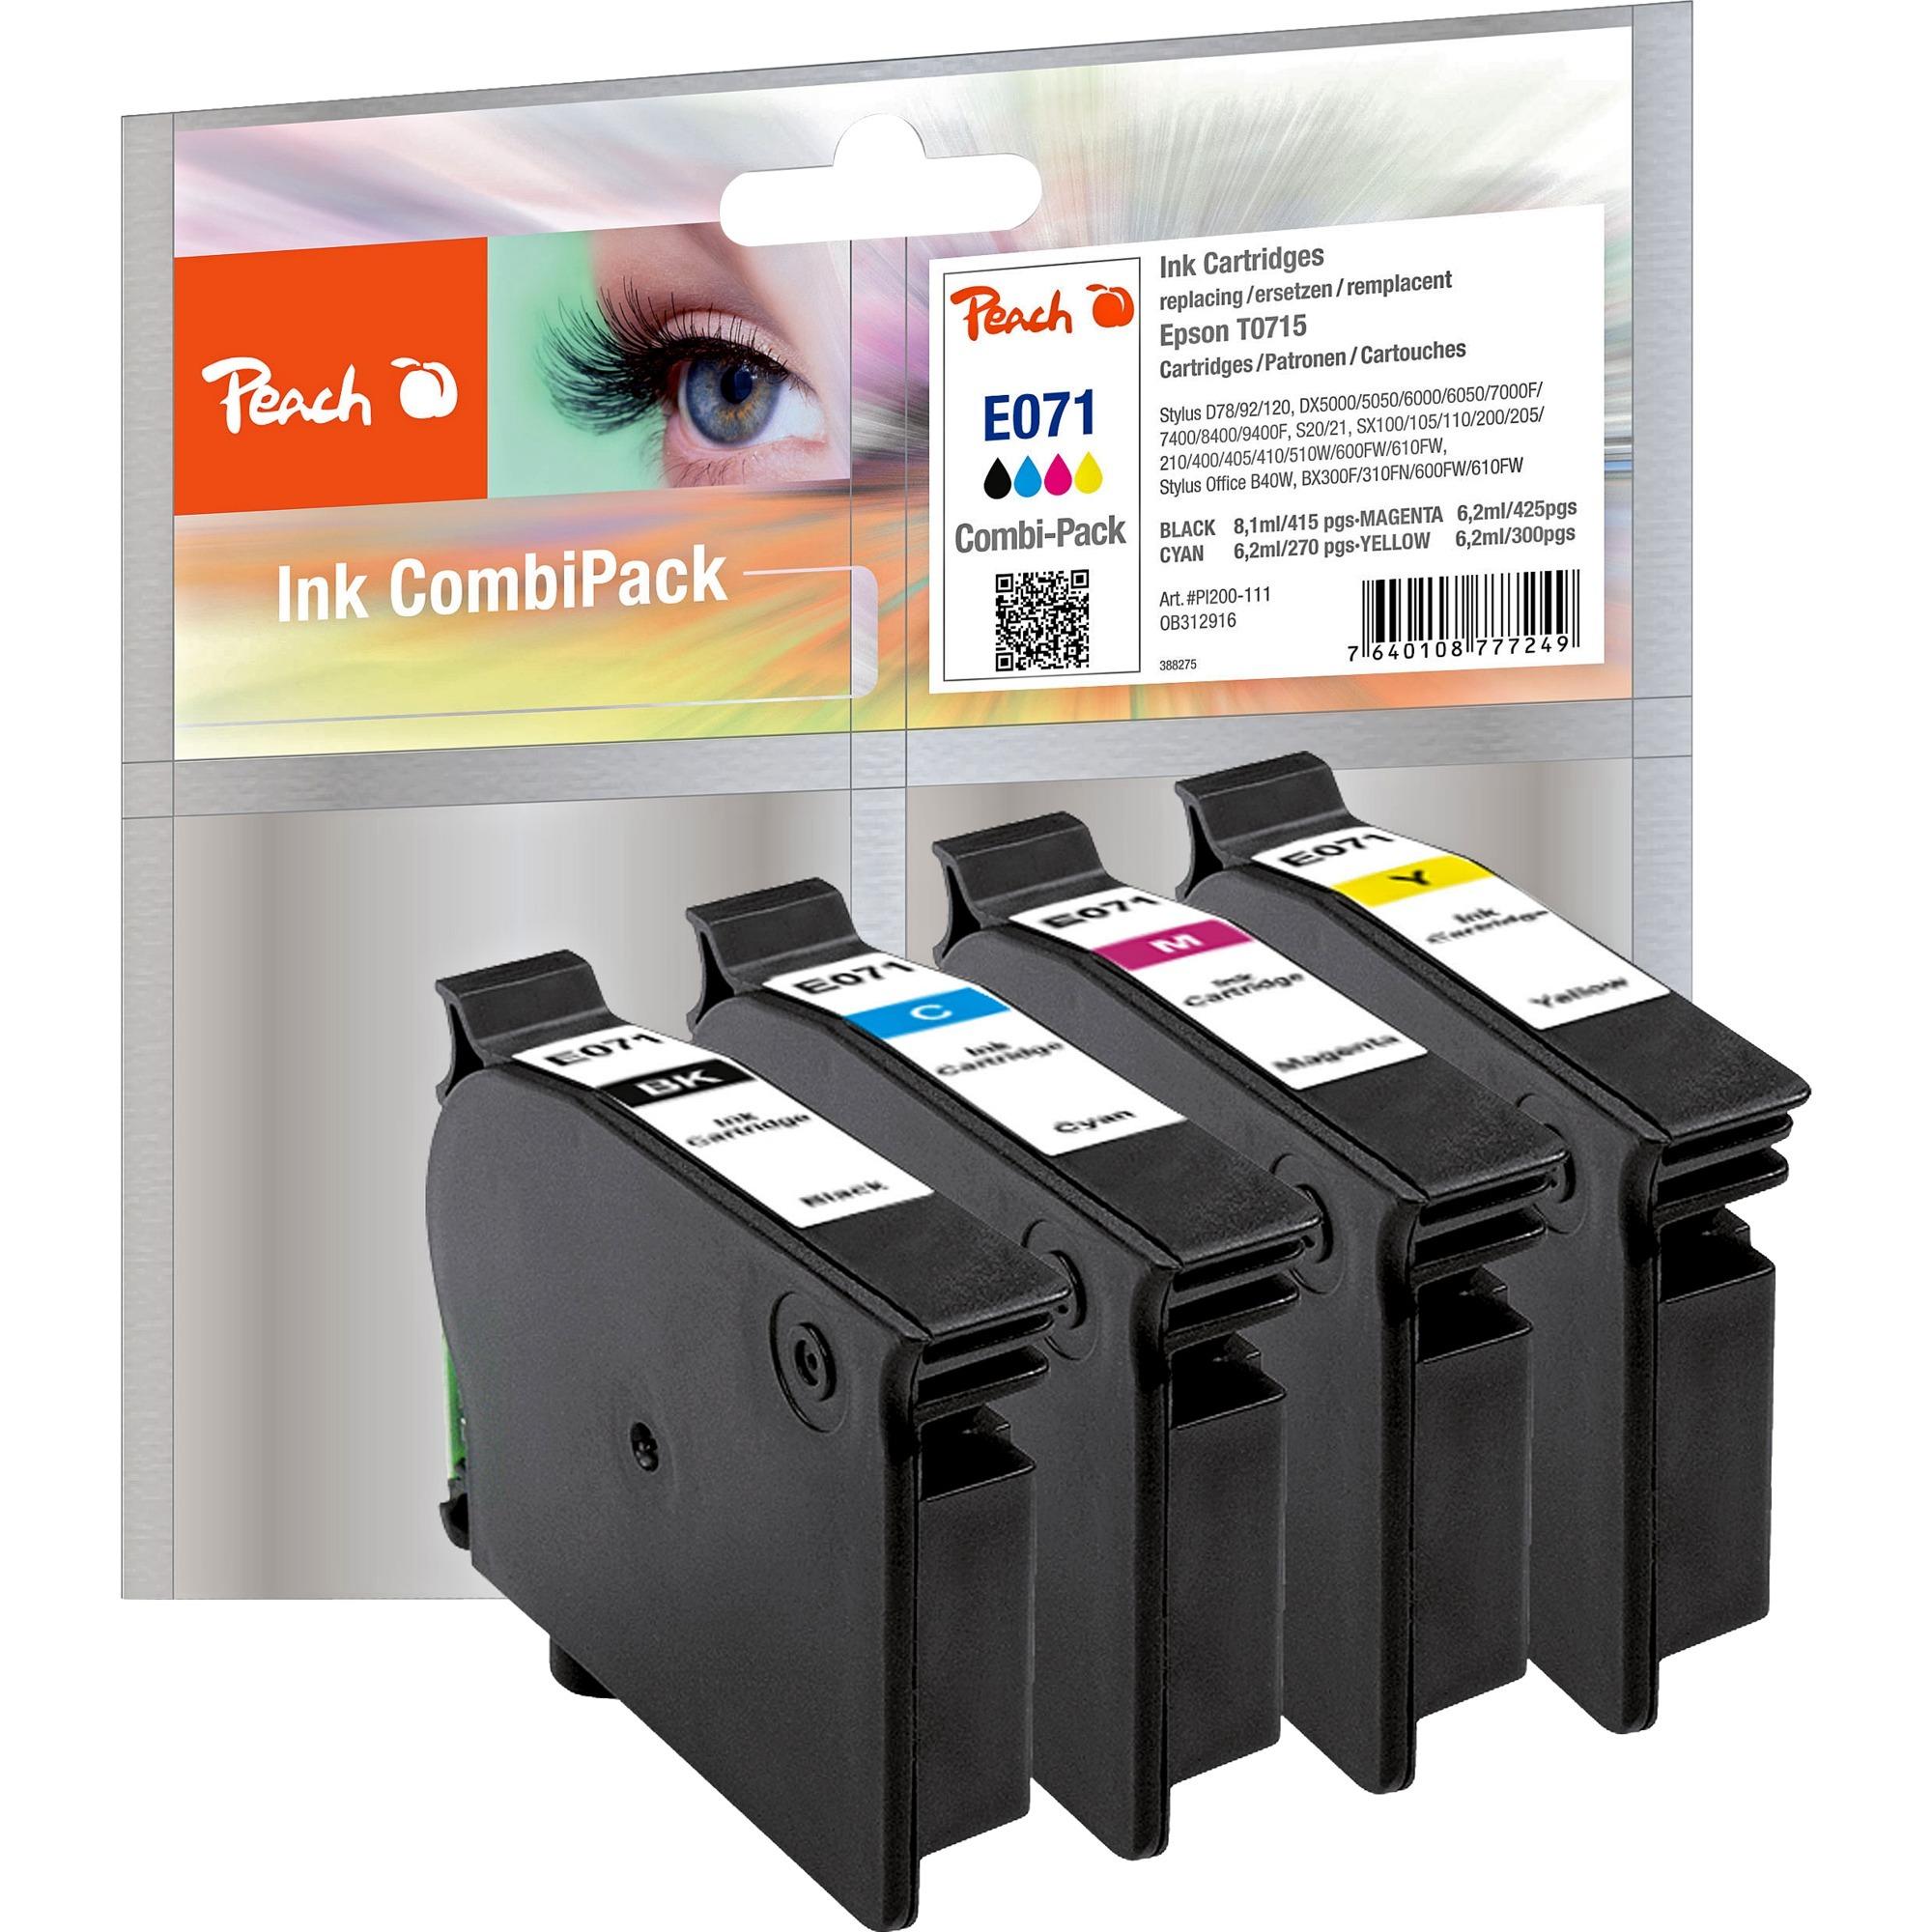 Peach Tinte Spar Pack PI200-111